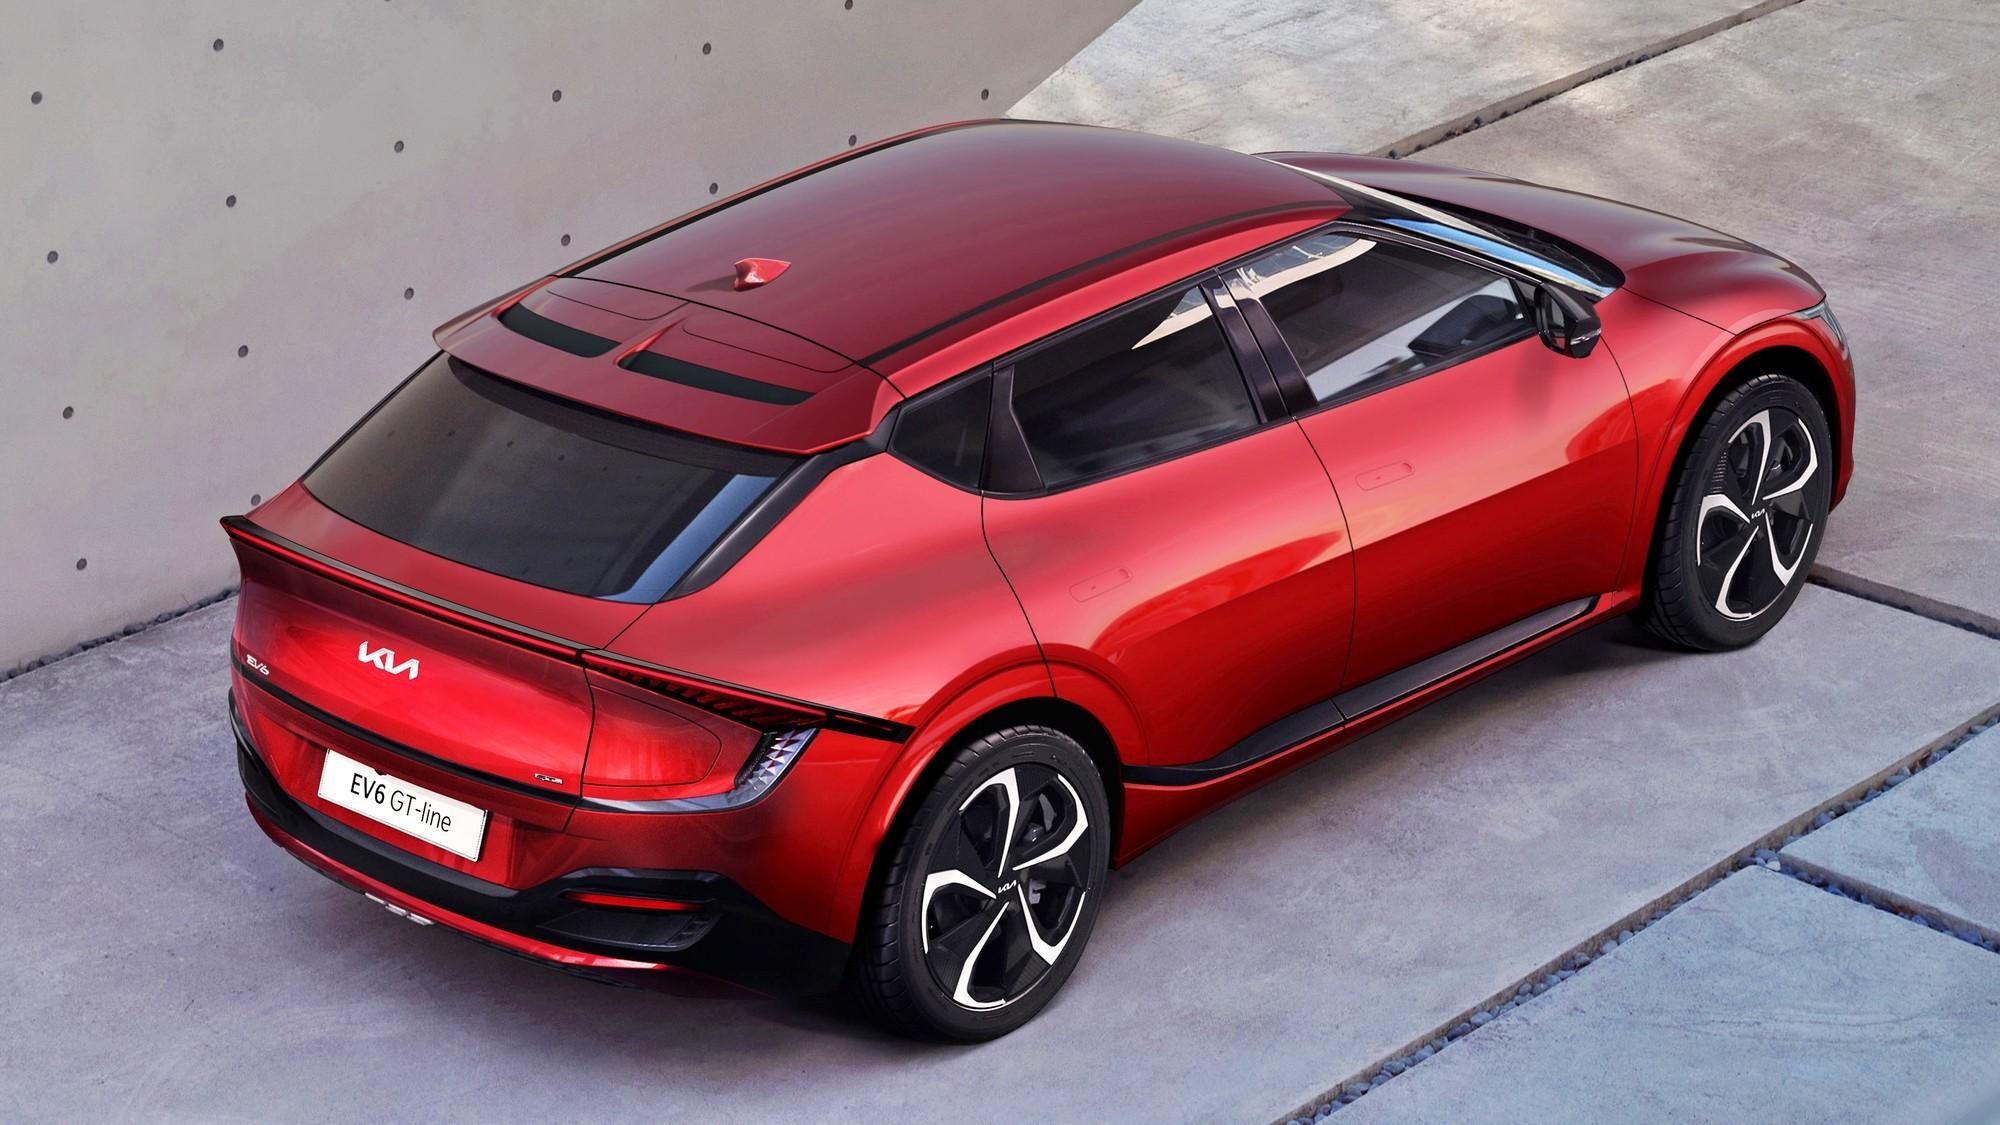 Подробности о Kia EV6: теснее, чем Hyundai Ioniq 5, зато есть спортивная версия GT